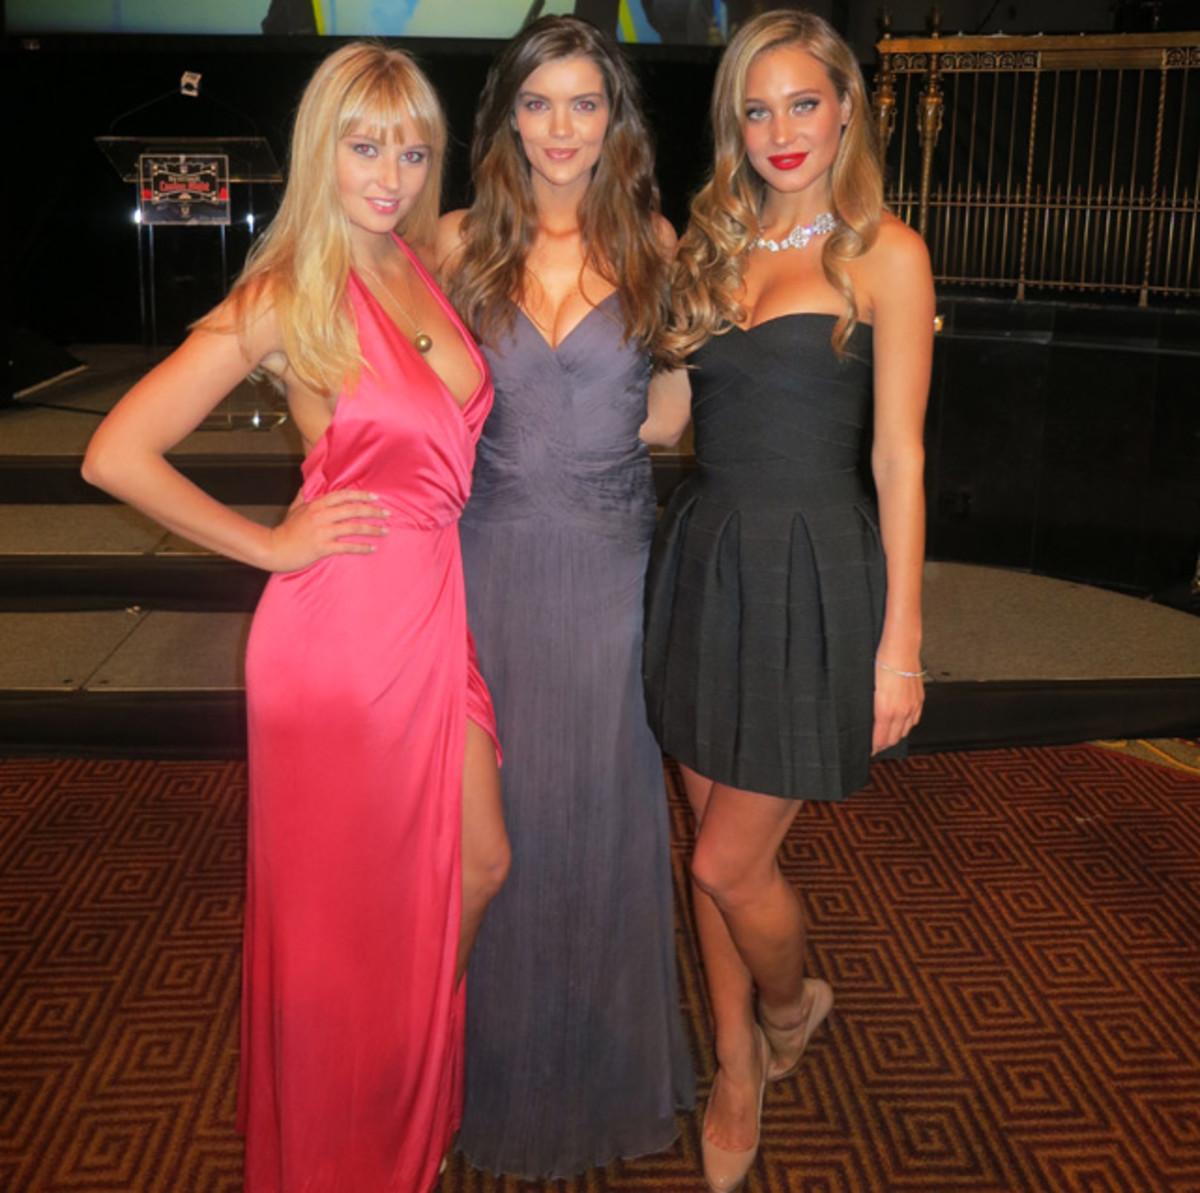 Genevieve Morton, Natasha Barnard and Hannah Davis